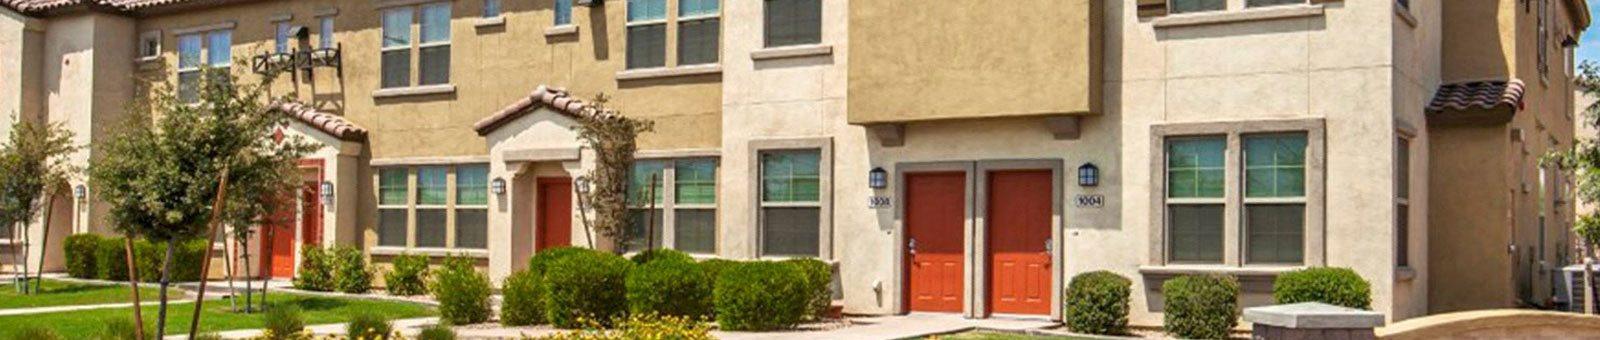 Exterior of The Symphony Apartments Phoenix, AZ